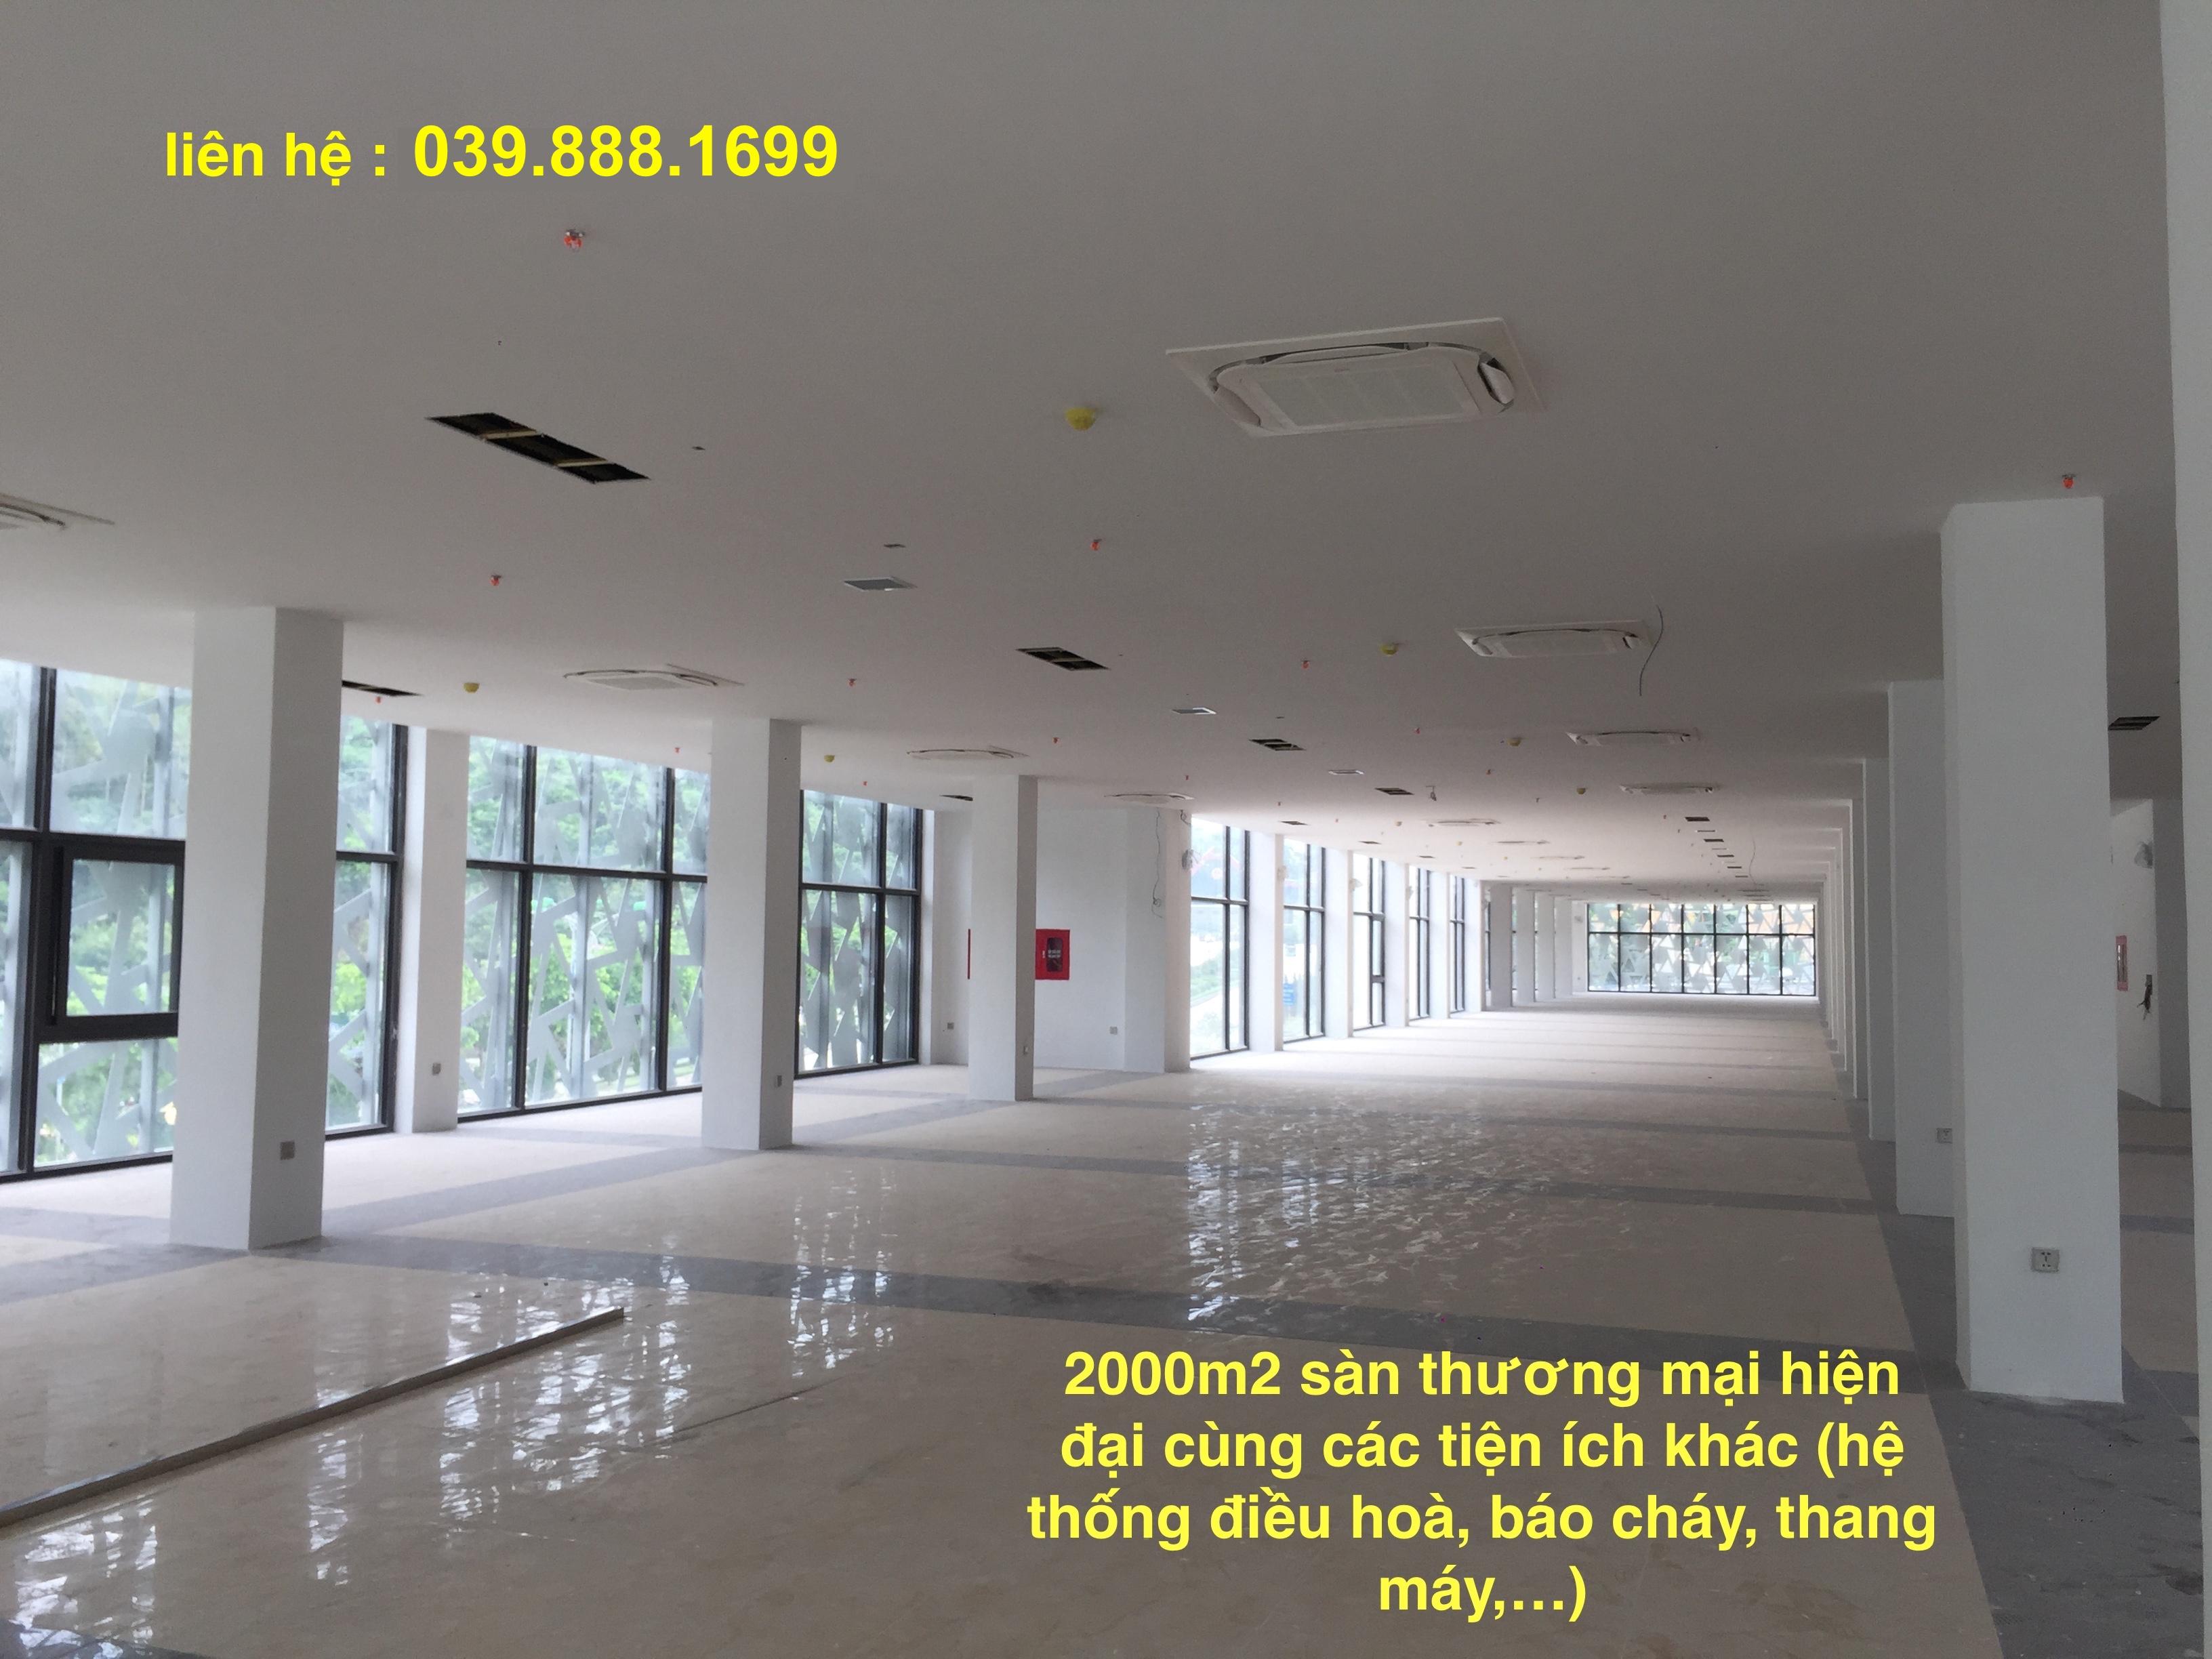 6 Cho thuê văn phòng khu cực Cửa khẩu Hữu Nghị, Lạng Sơn